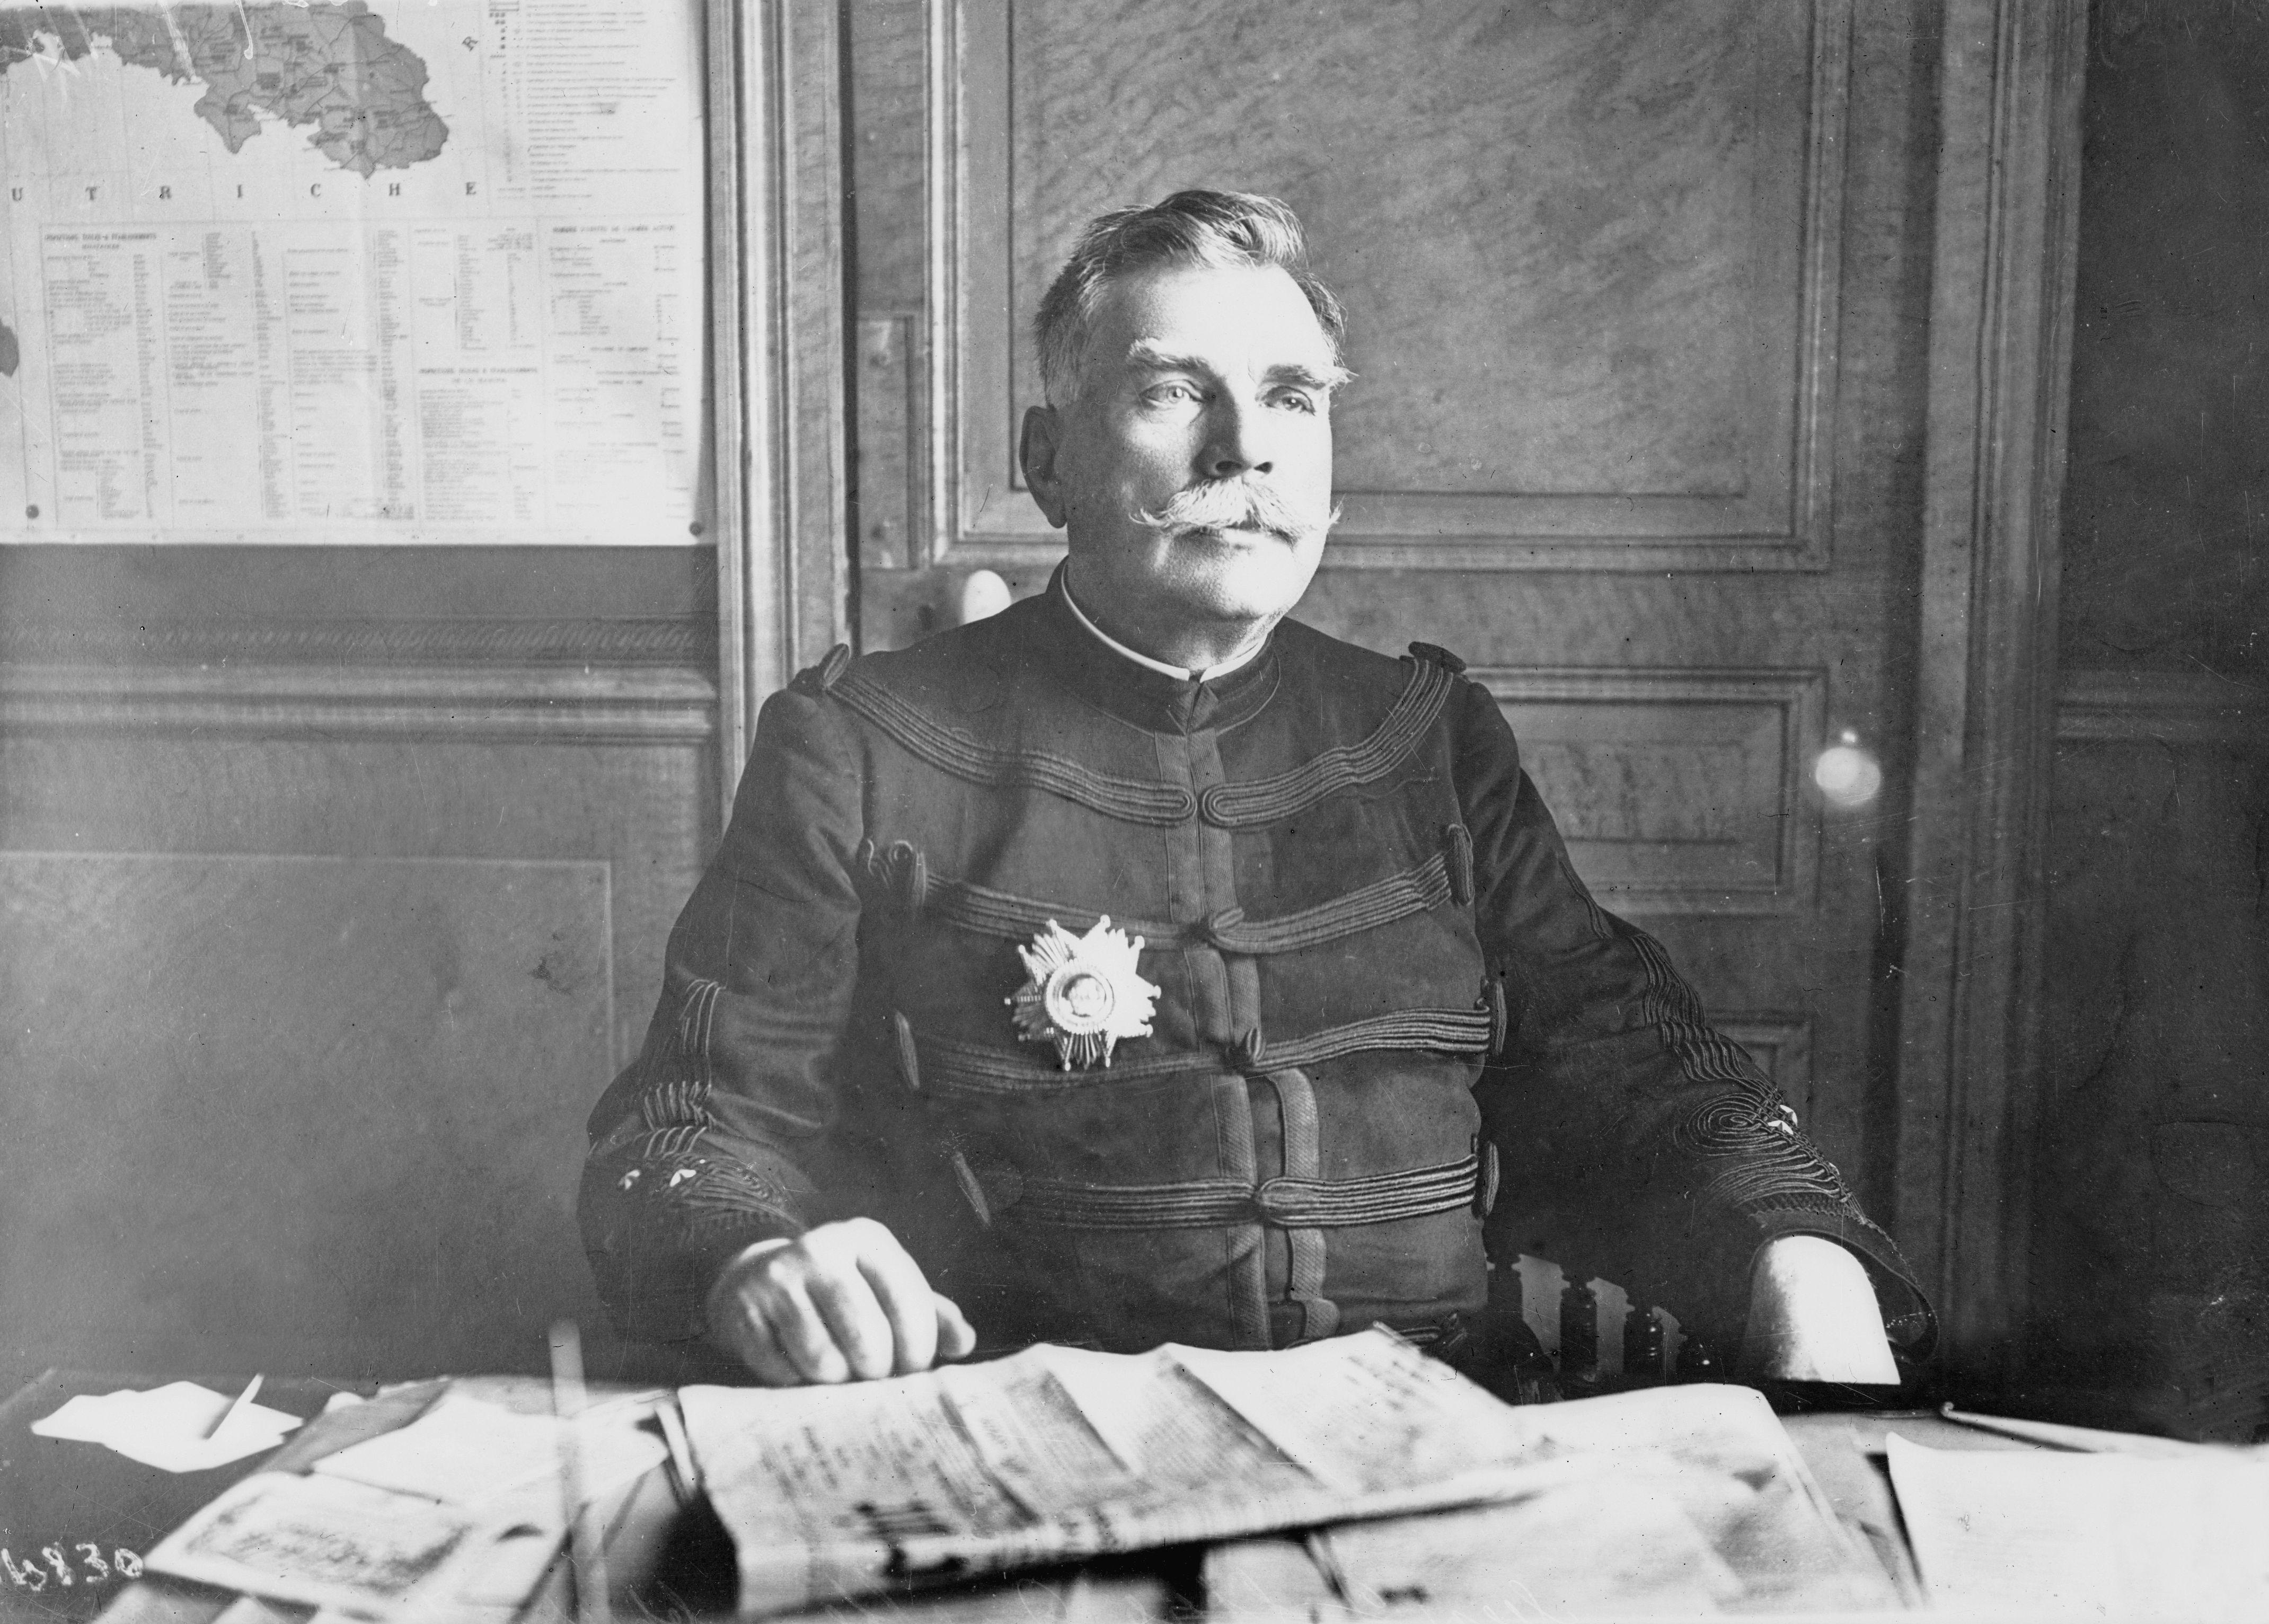 General Joffre